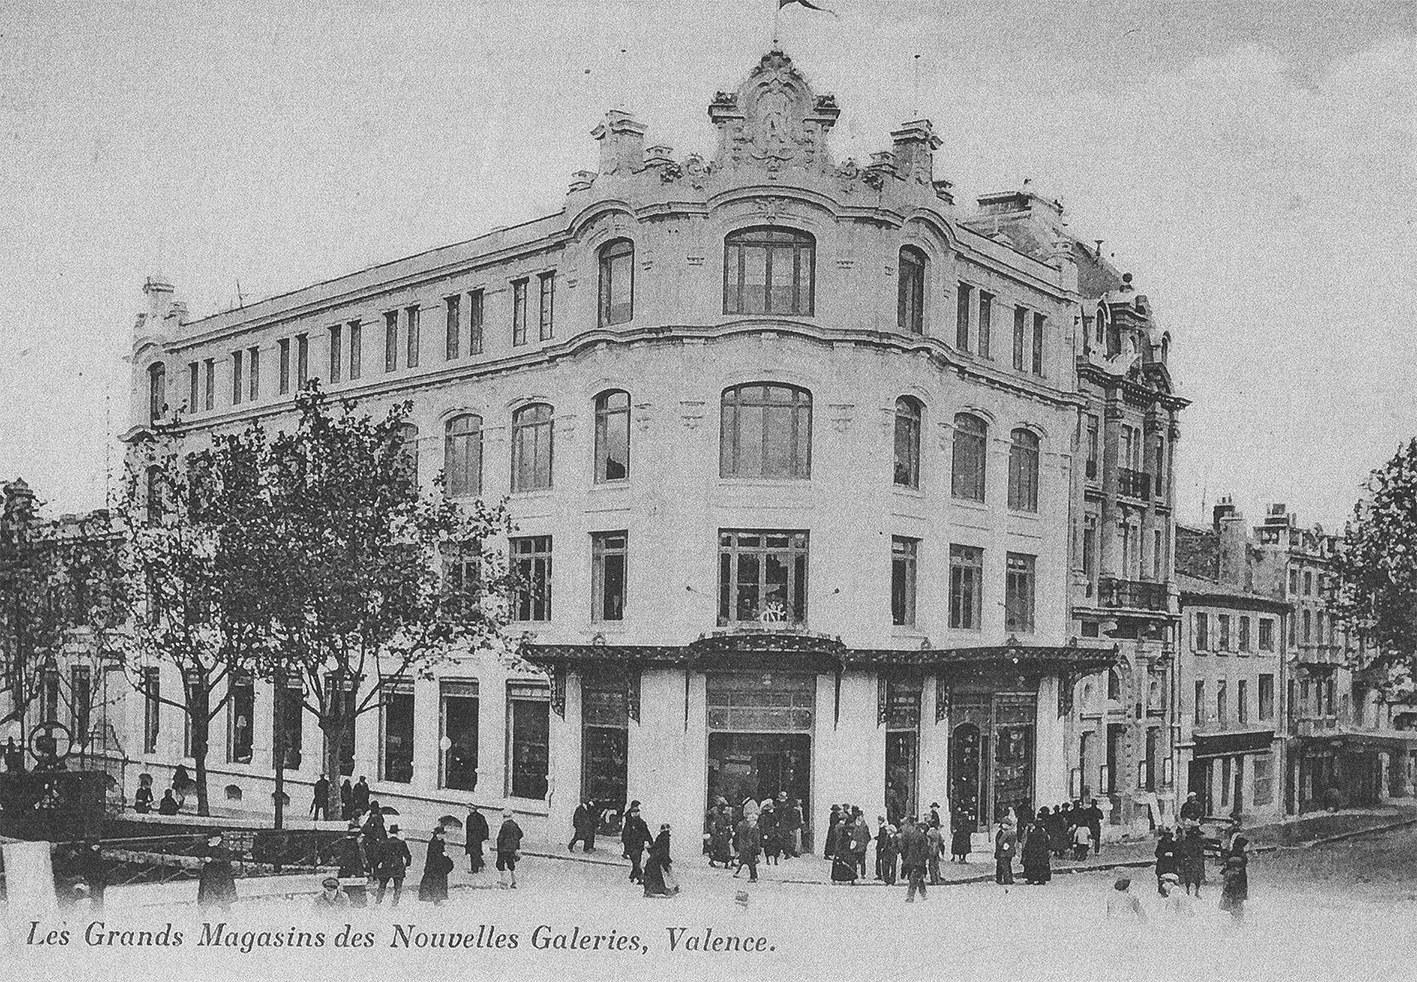 © Archives de Valence, 5Finc18